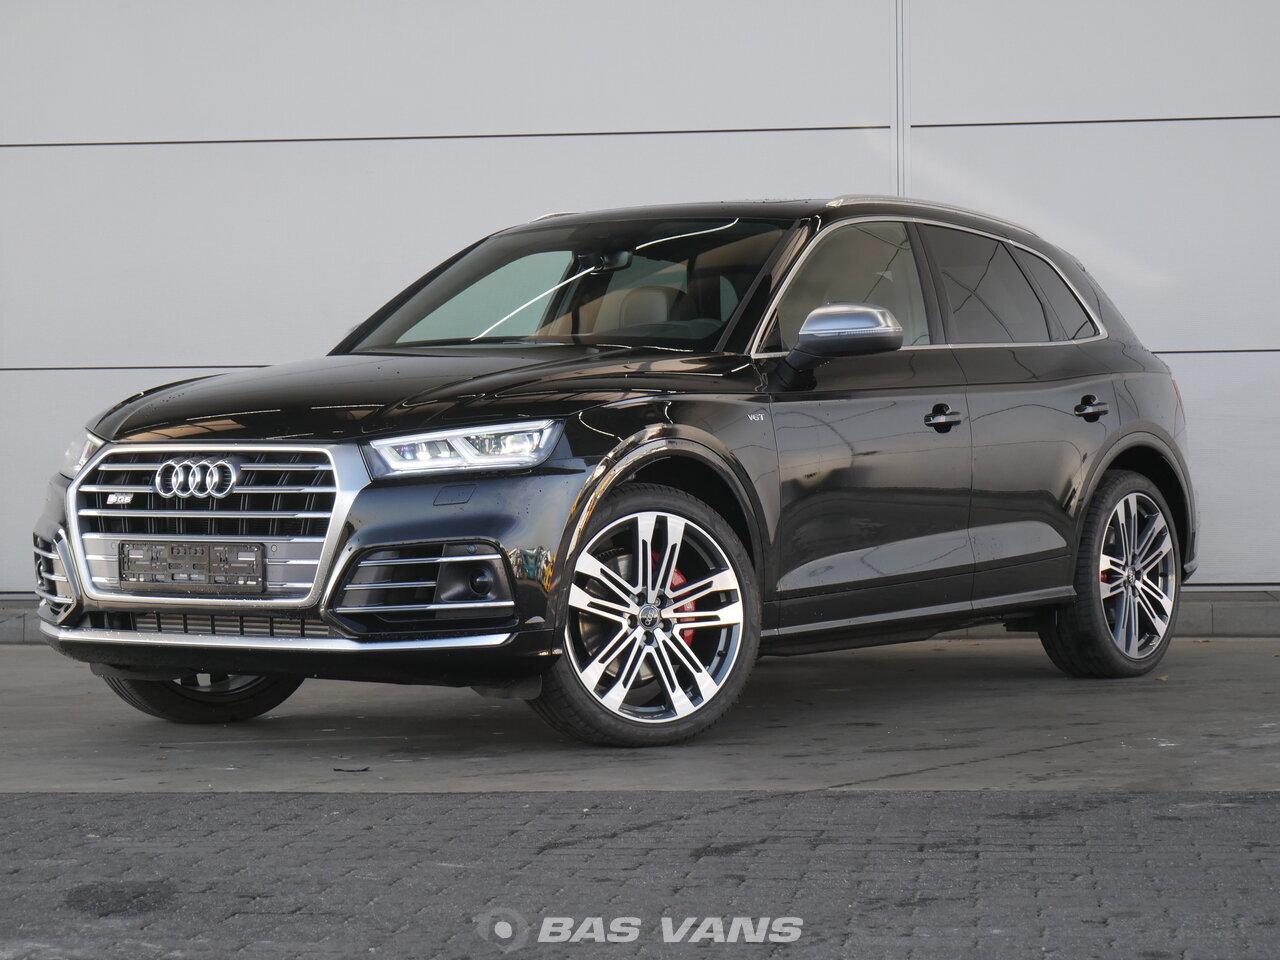 Kekurangan Audi Sq5 2017 Murah Berkualitas